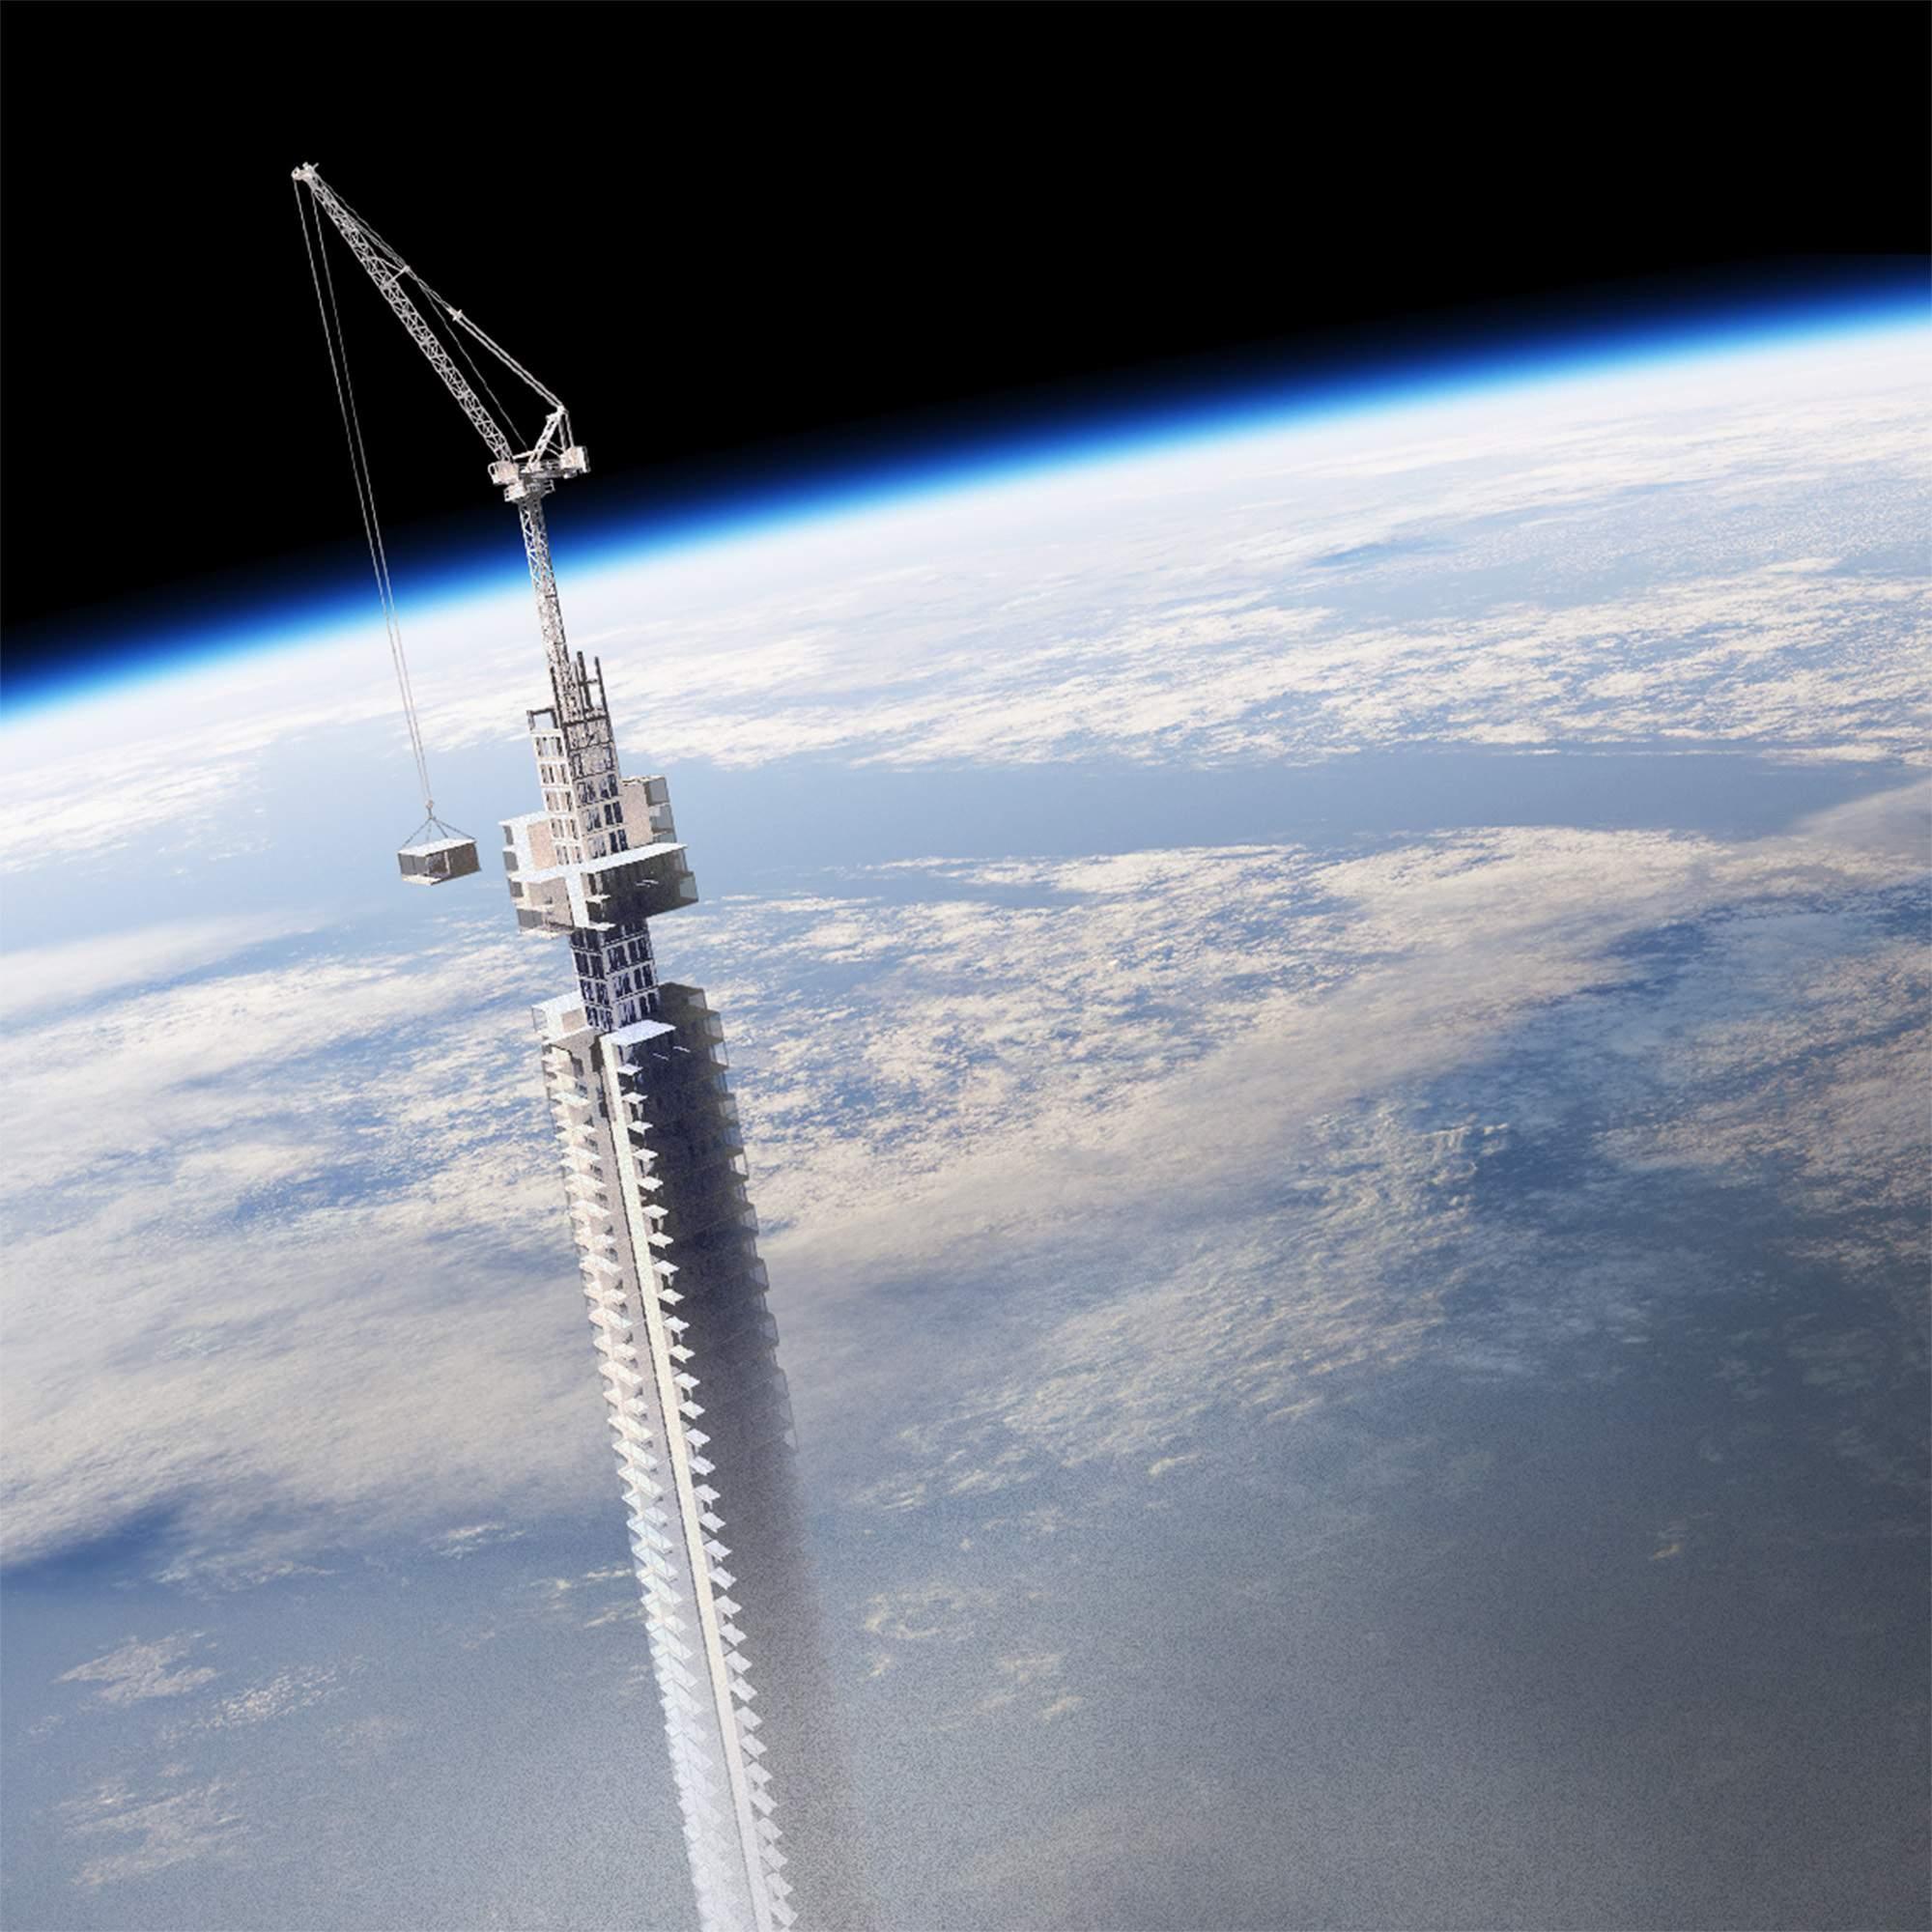 Парящая башня: проект, который переворачивает современную архитектуру с ног на голову